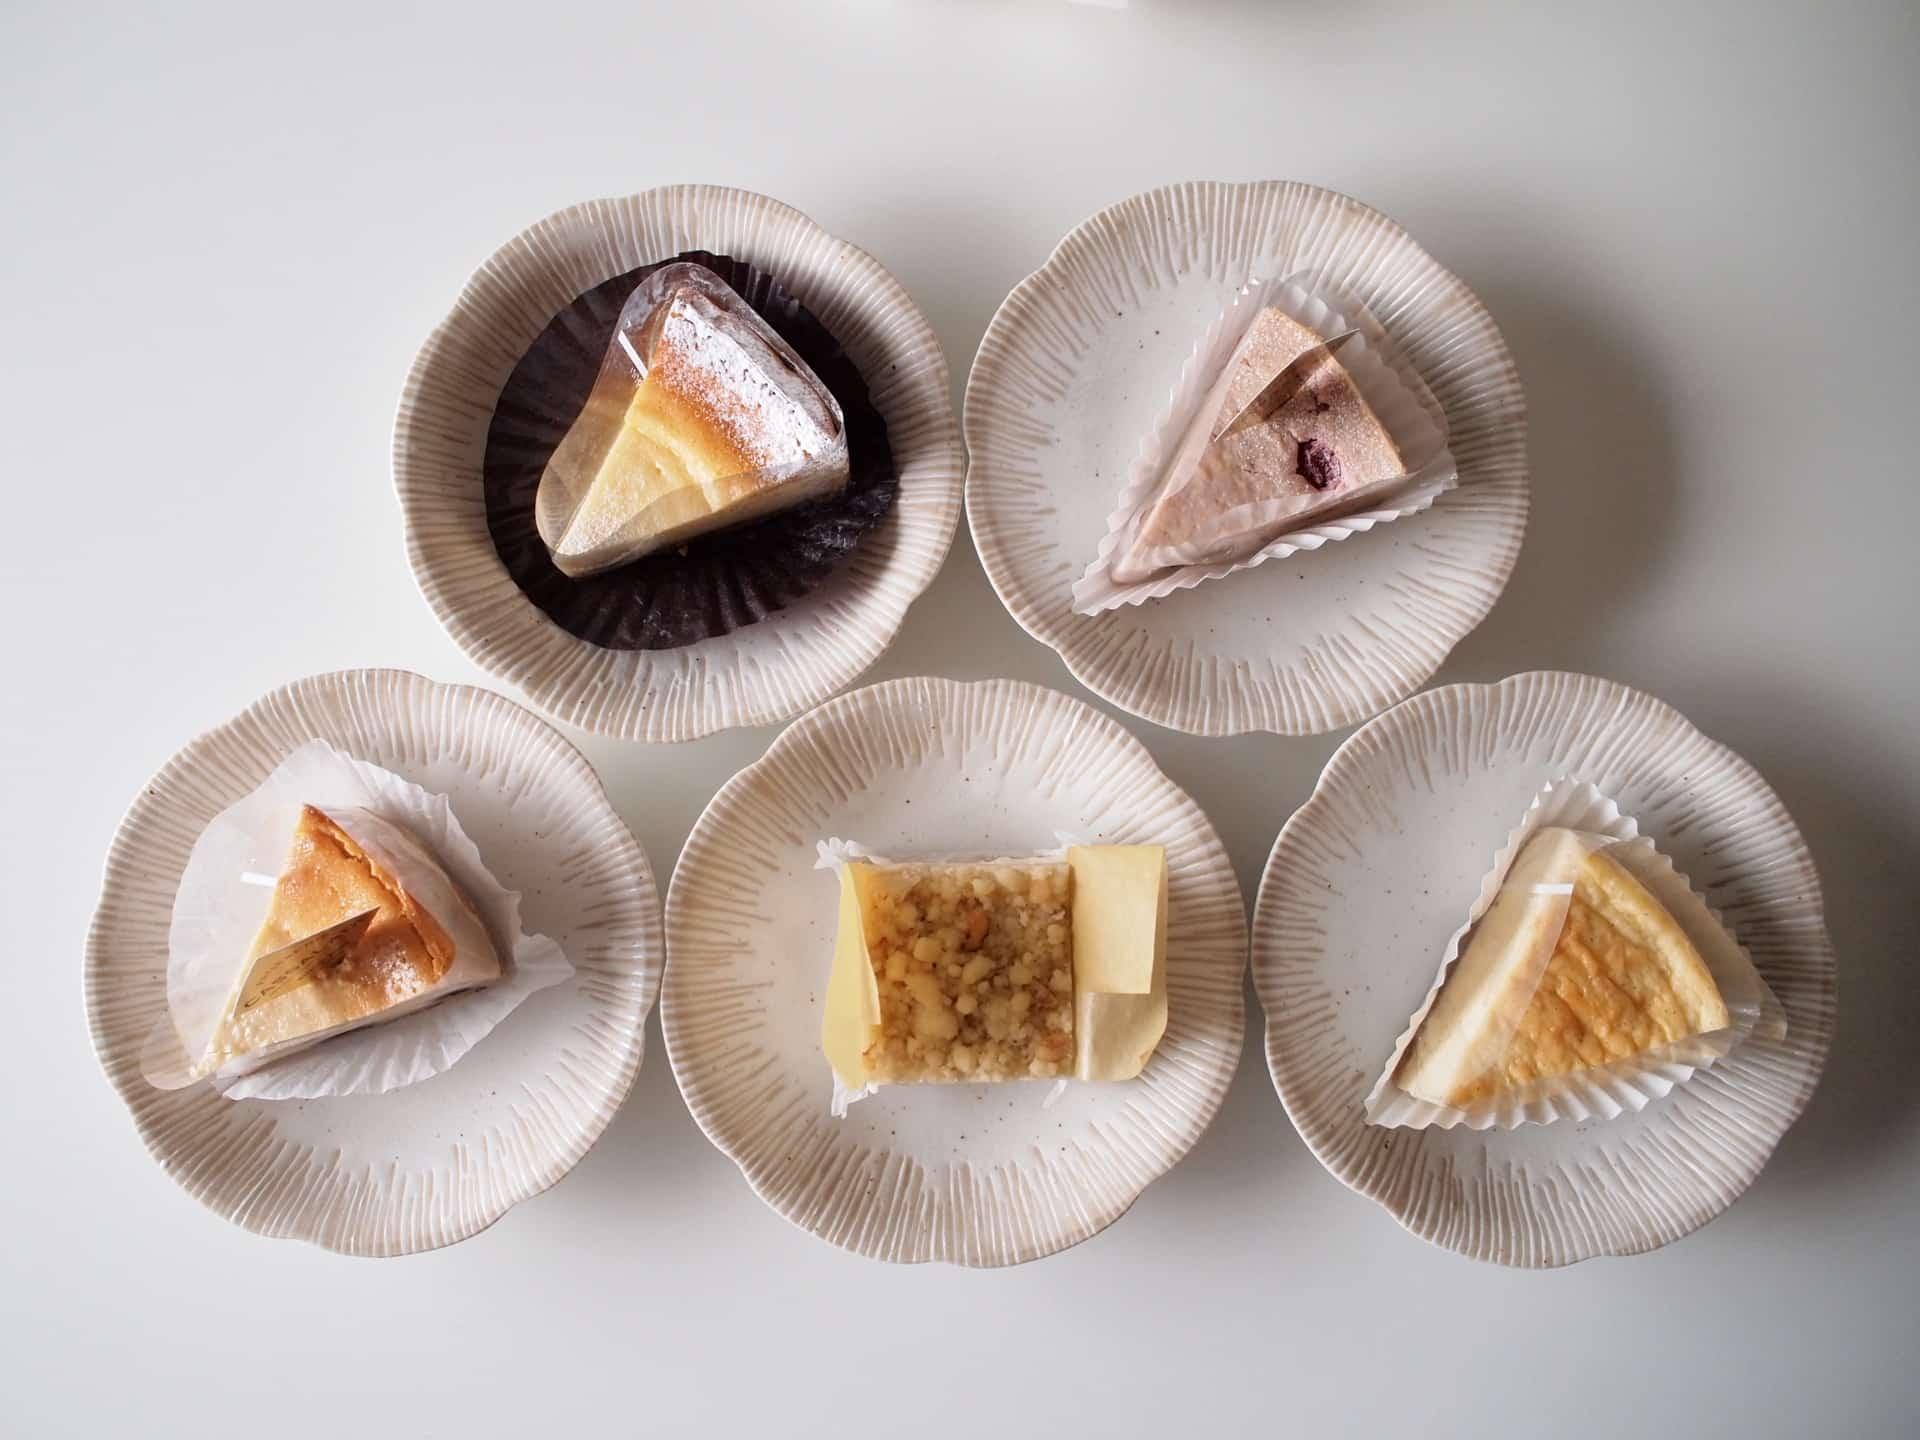 カッサレード − 神戸・住吉にあるチーズケーキ専門店。食べ比べしたい約20種類